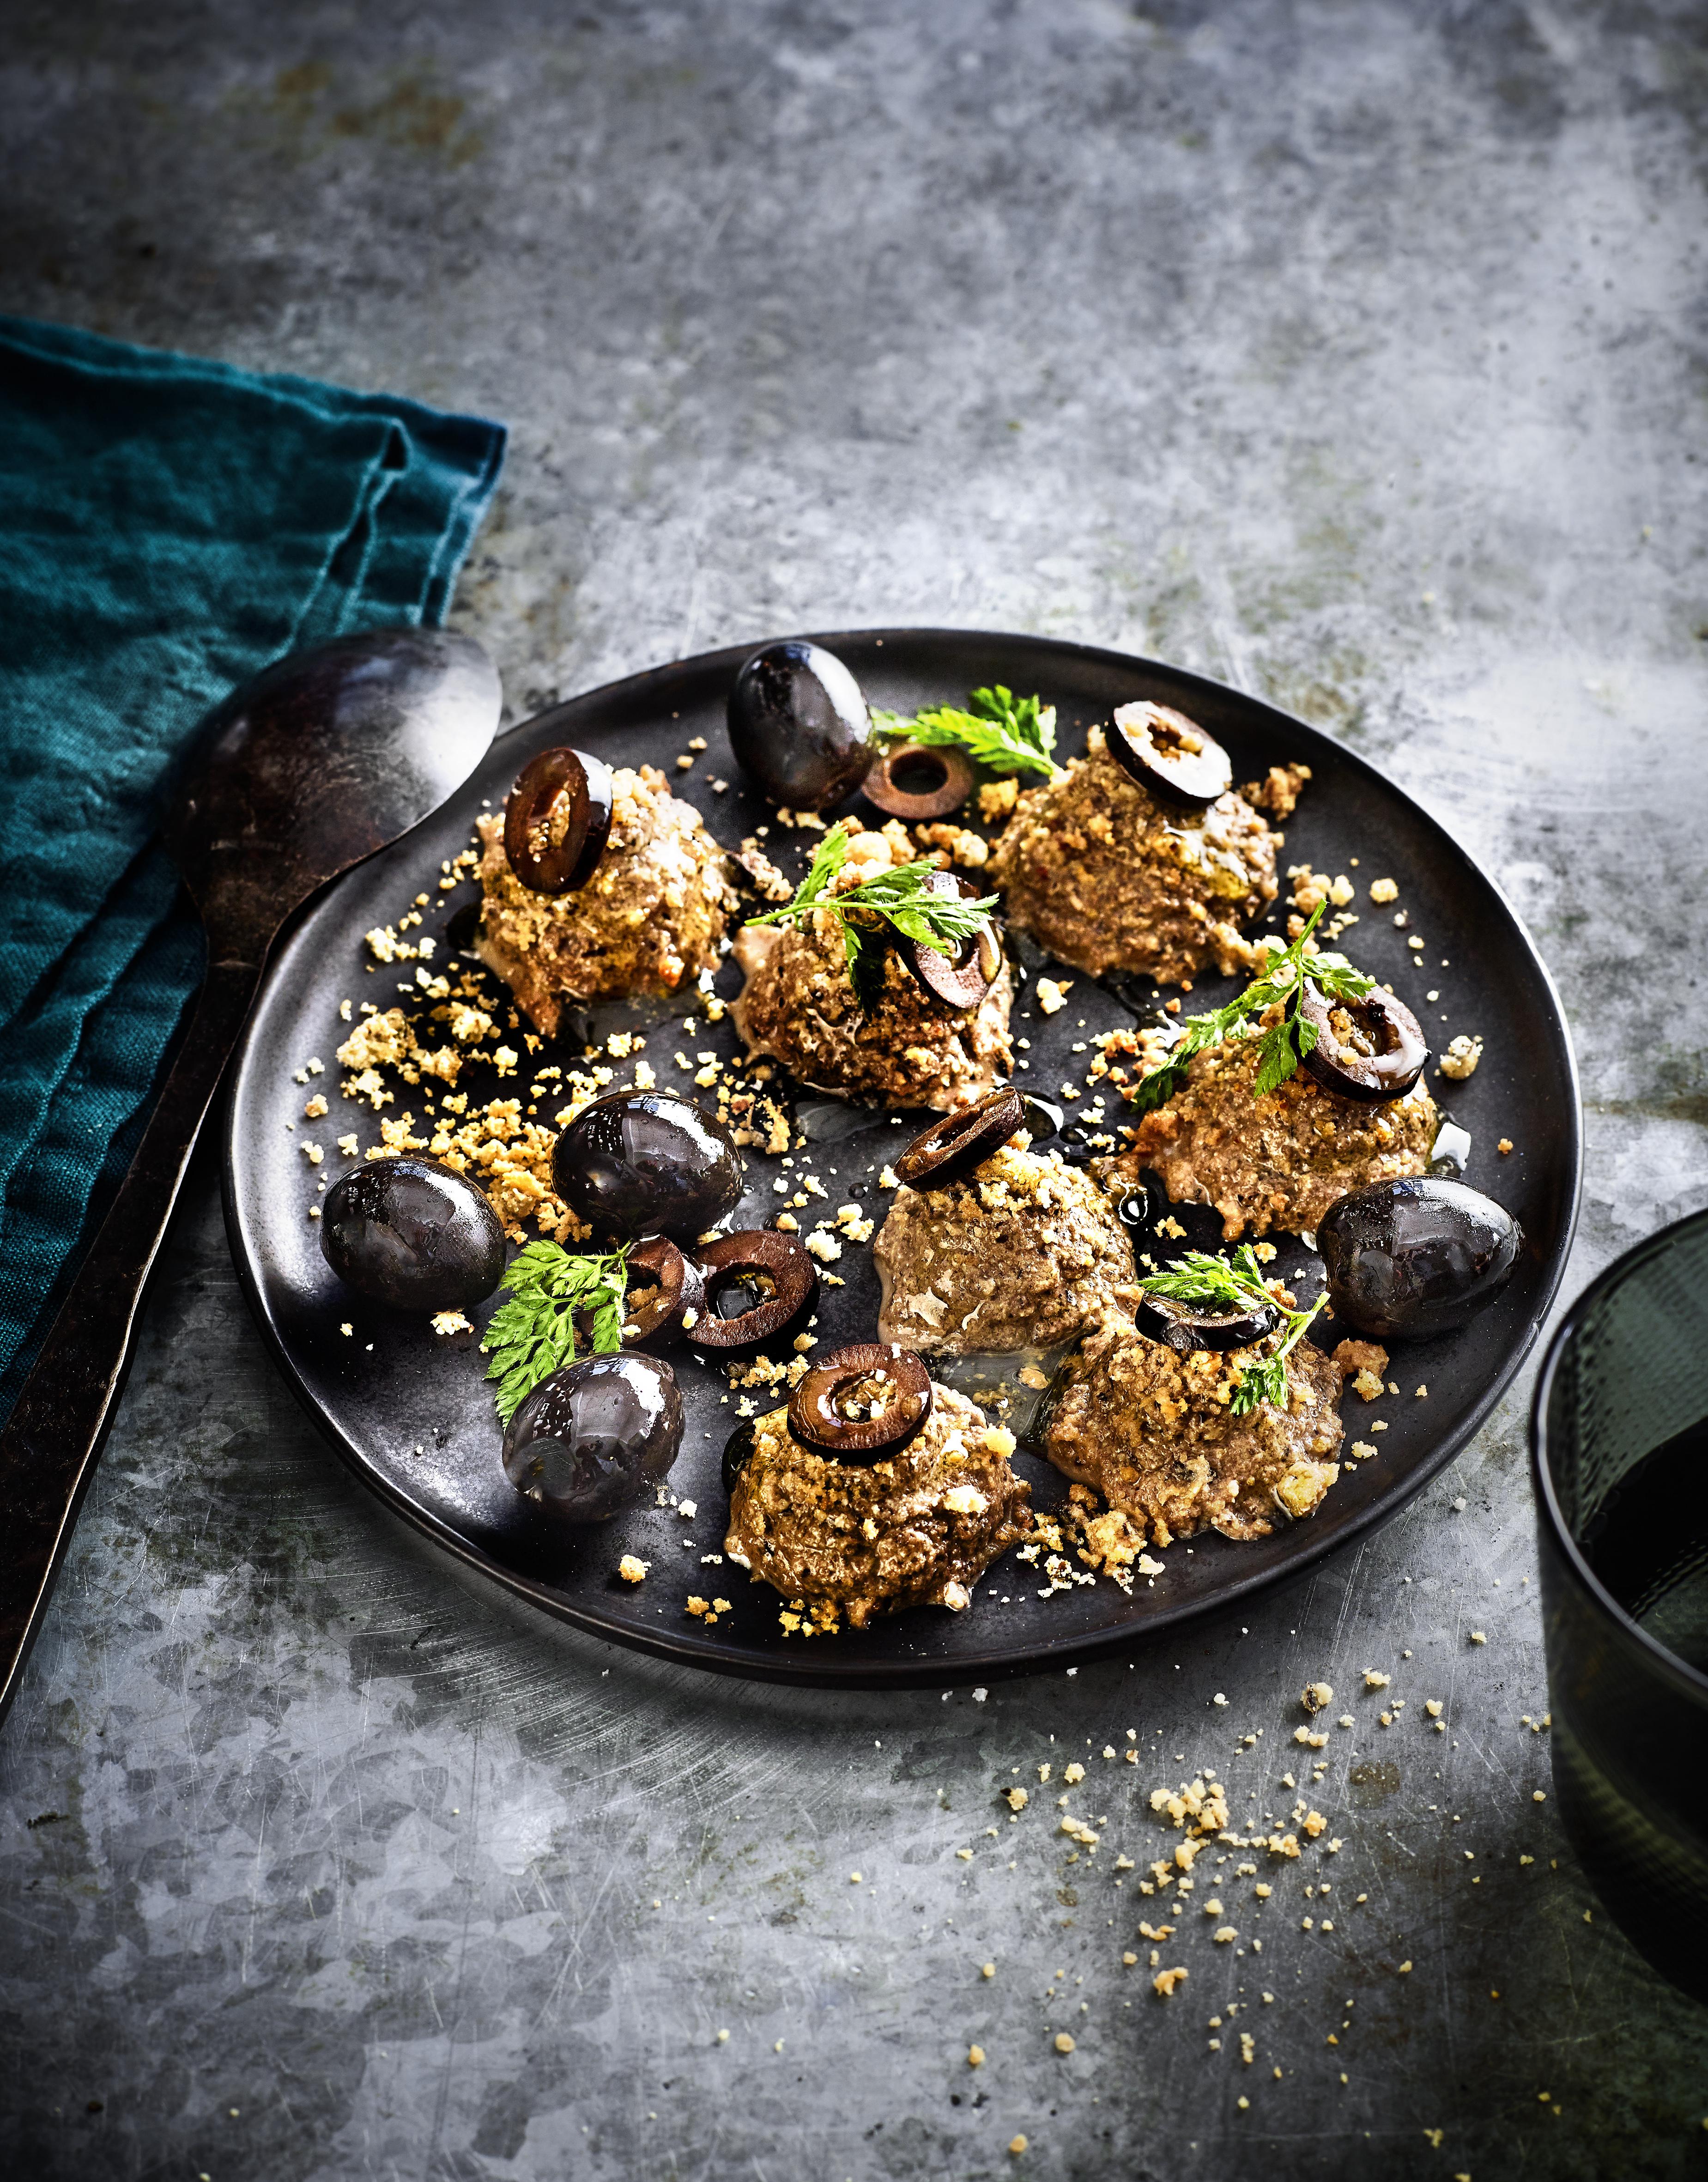 Recette olives